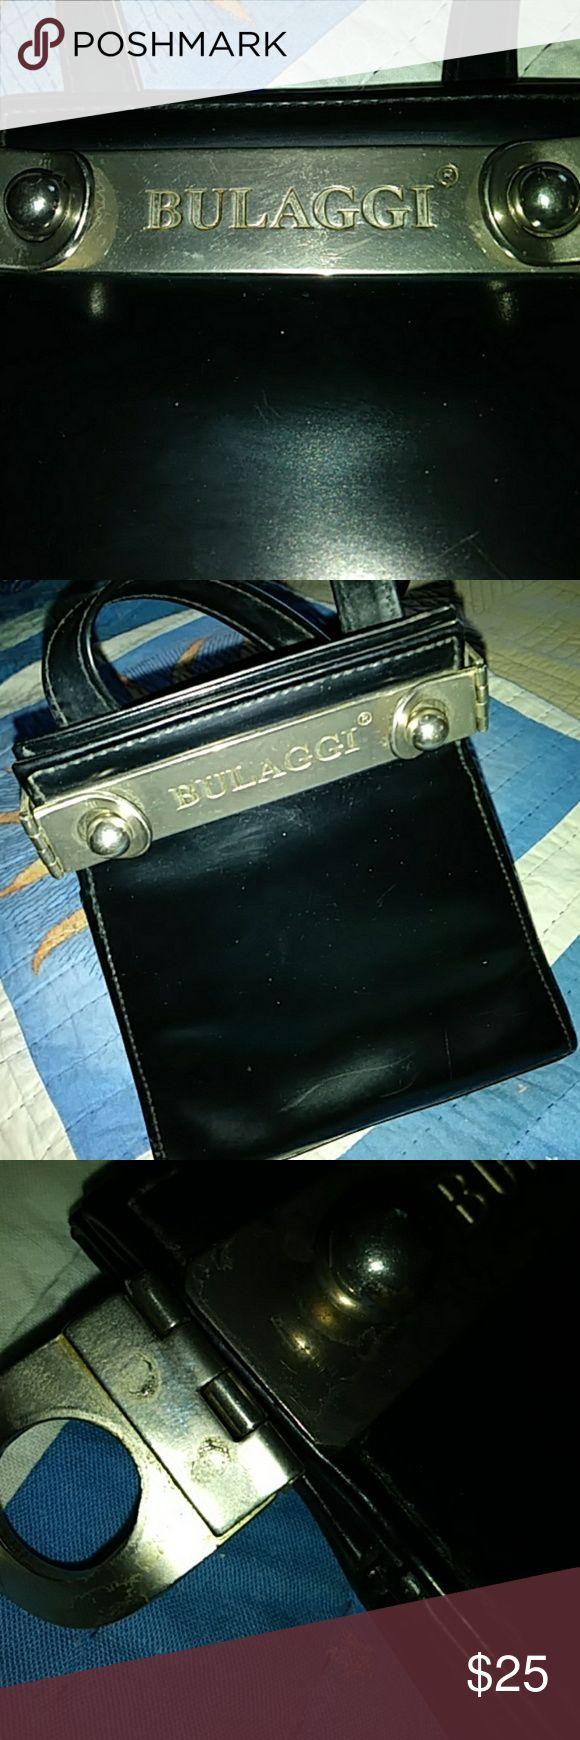 Bulaggi bag Unique black box bag in great condition. Silver hardware. bulaggi Bags Crossbody Bags